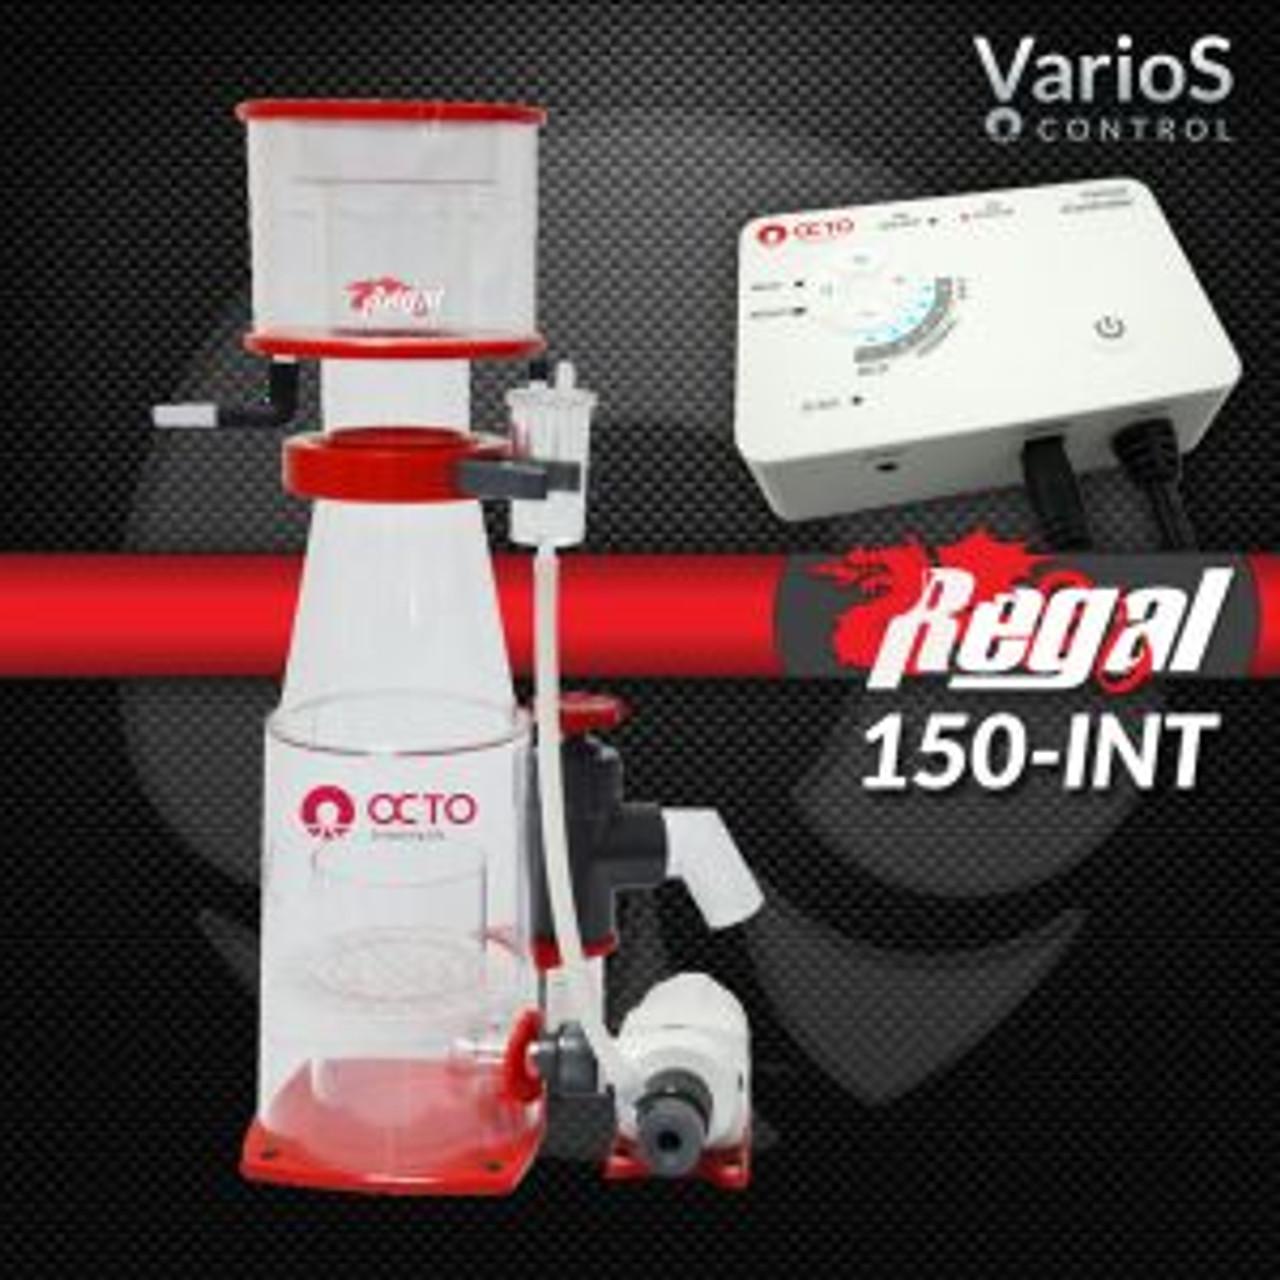 REEF OCTOPUS Regal 150INT Protein Skimmer